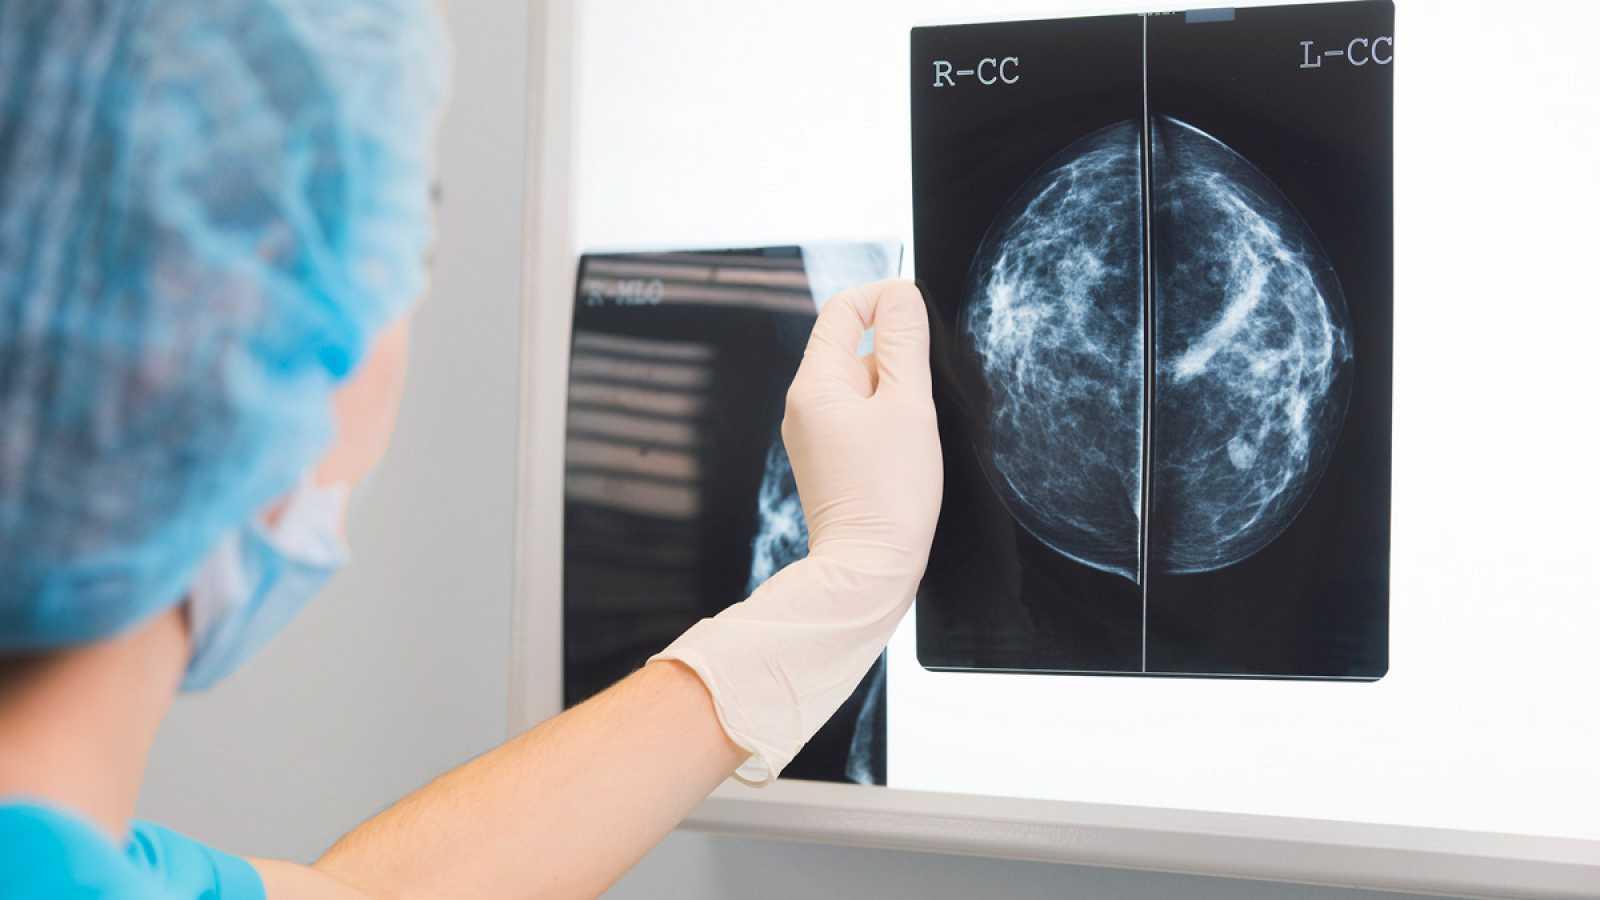 Prueban con éxito en ratones un fármaco contra el cáncer de mama HER2+